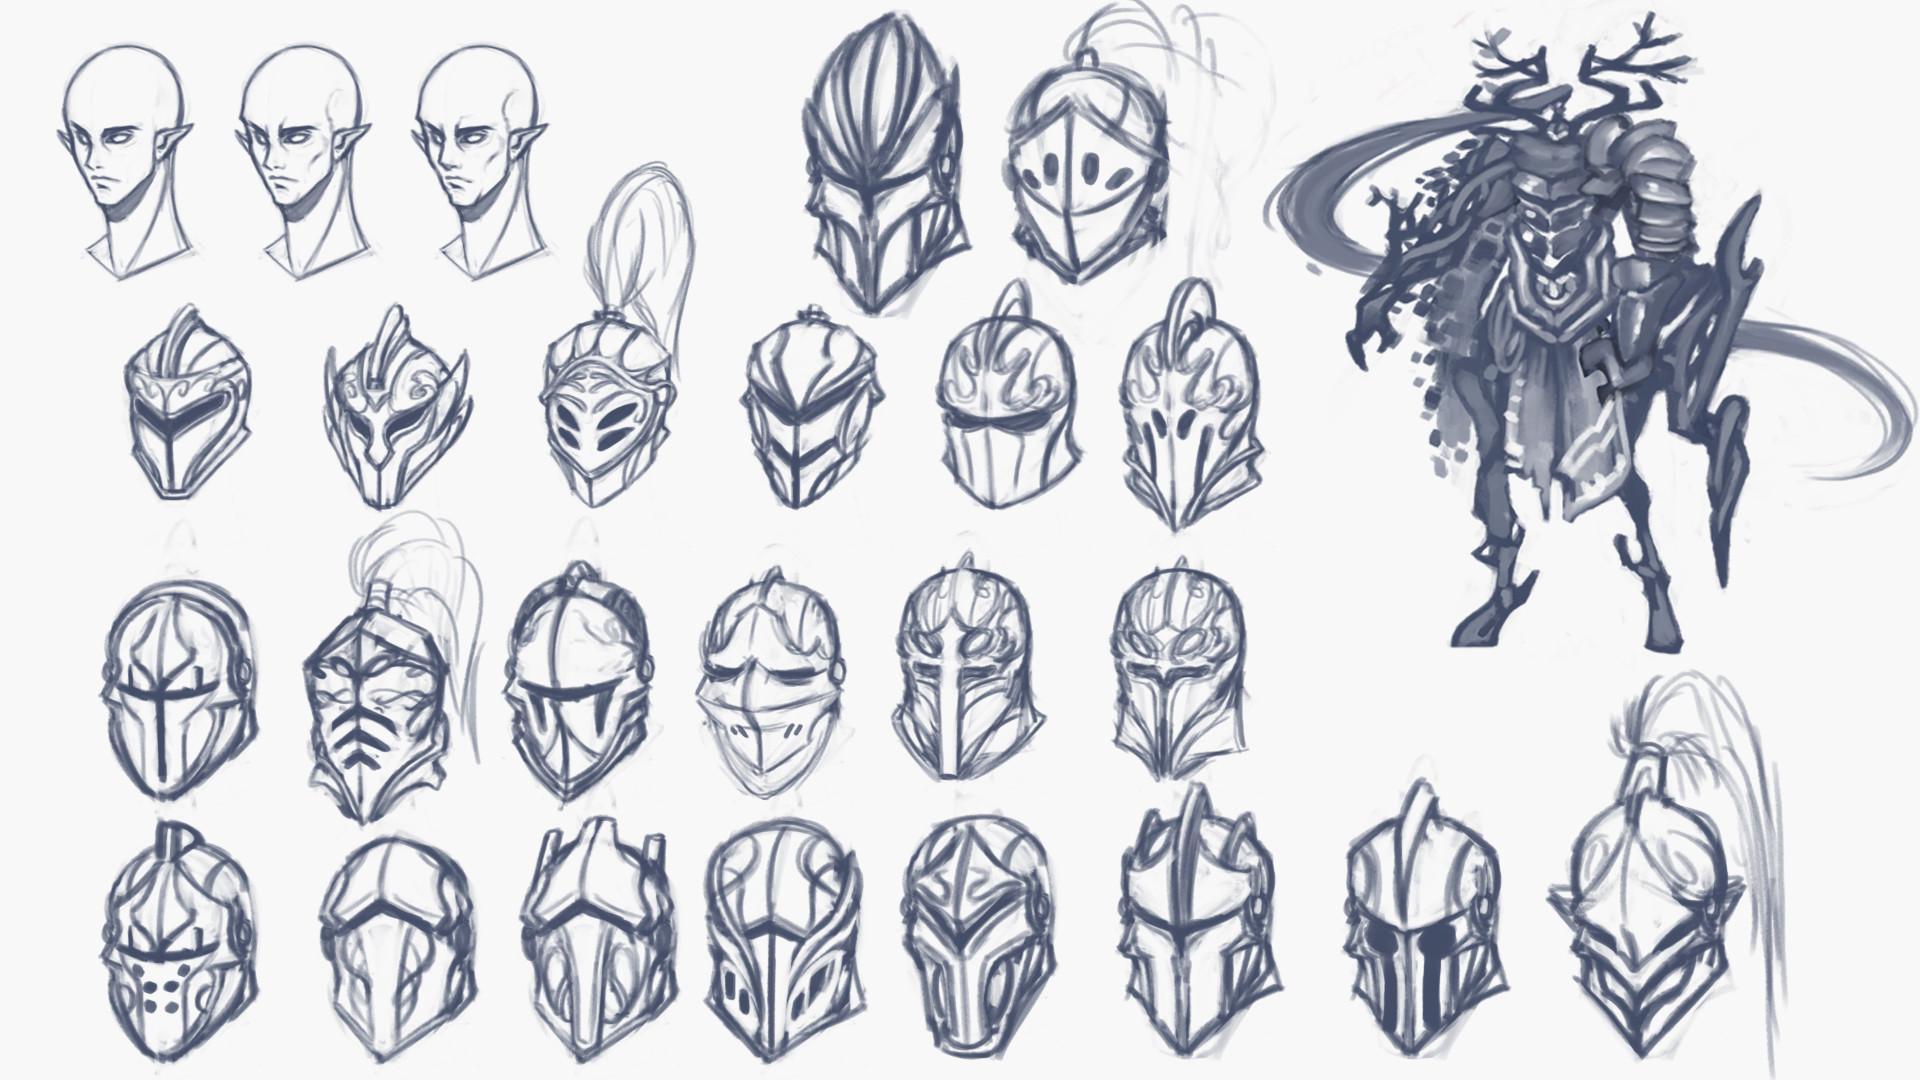 Anthea zammit centaur helmets